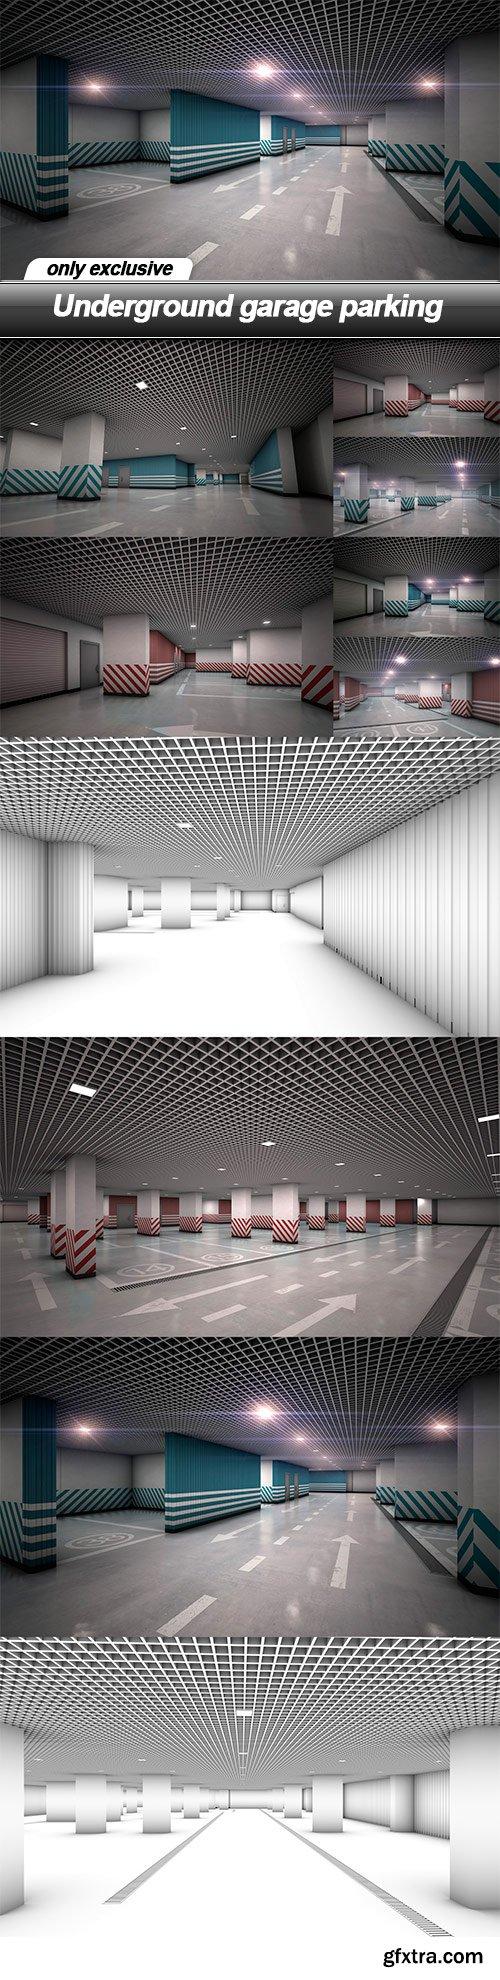 Underground garage parking - 10 UHQ JPEG